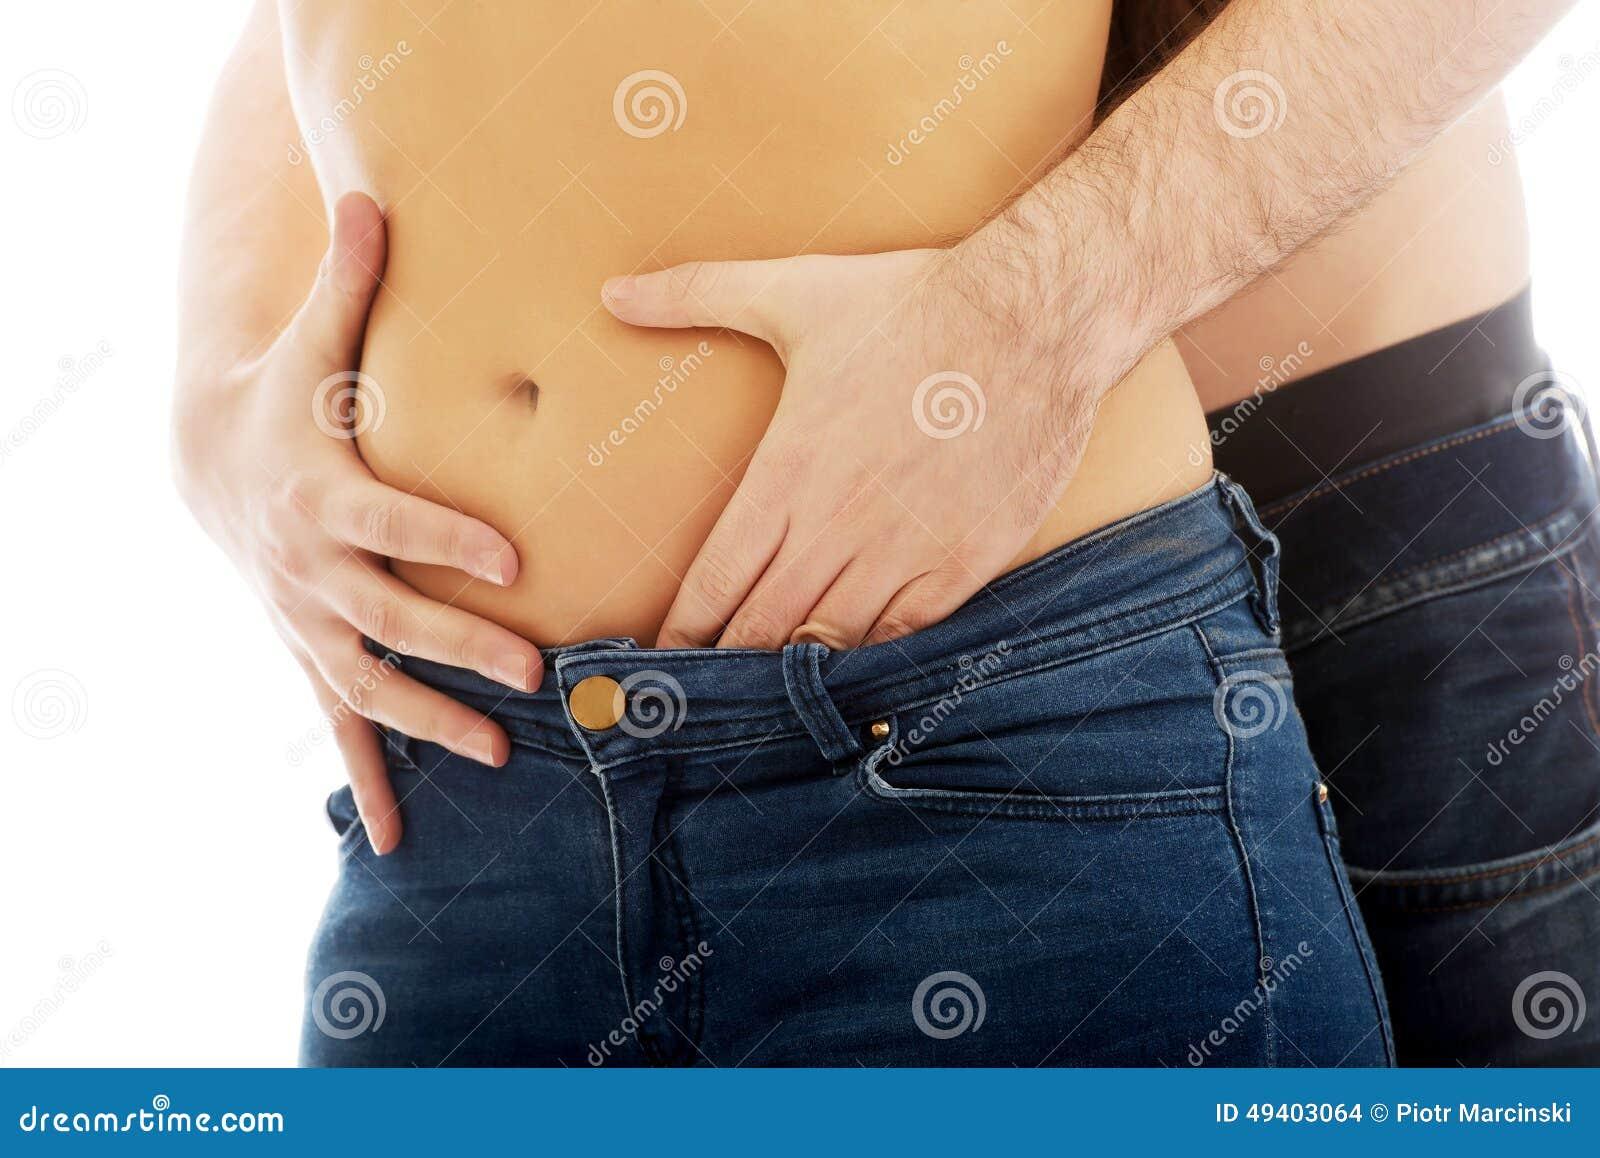 Download Der Bauch Mann Rührender Silm Frau Stockfoto - Bild von nahaufnahme, ausschnitt: 49403064